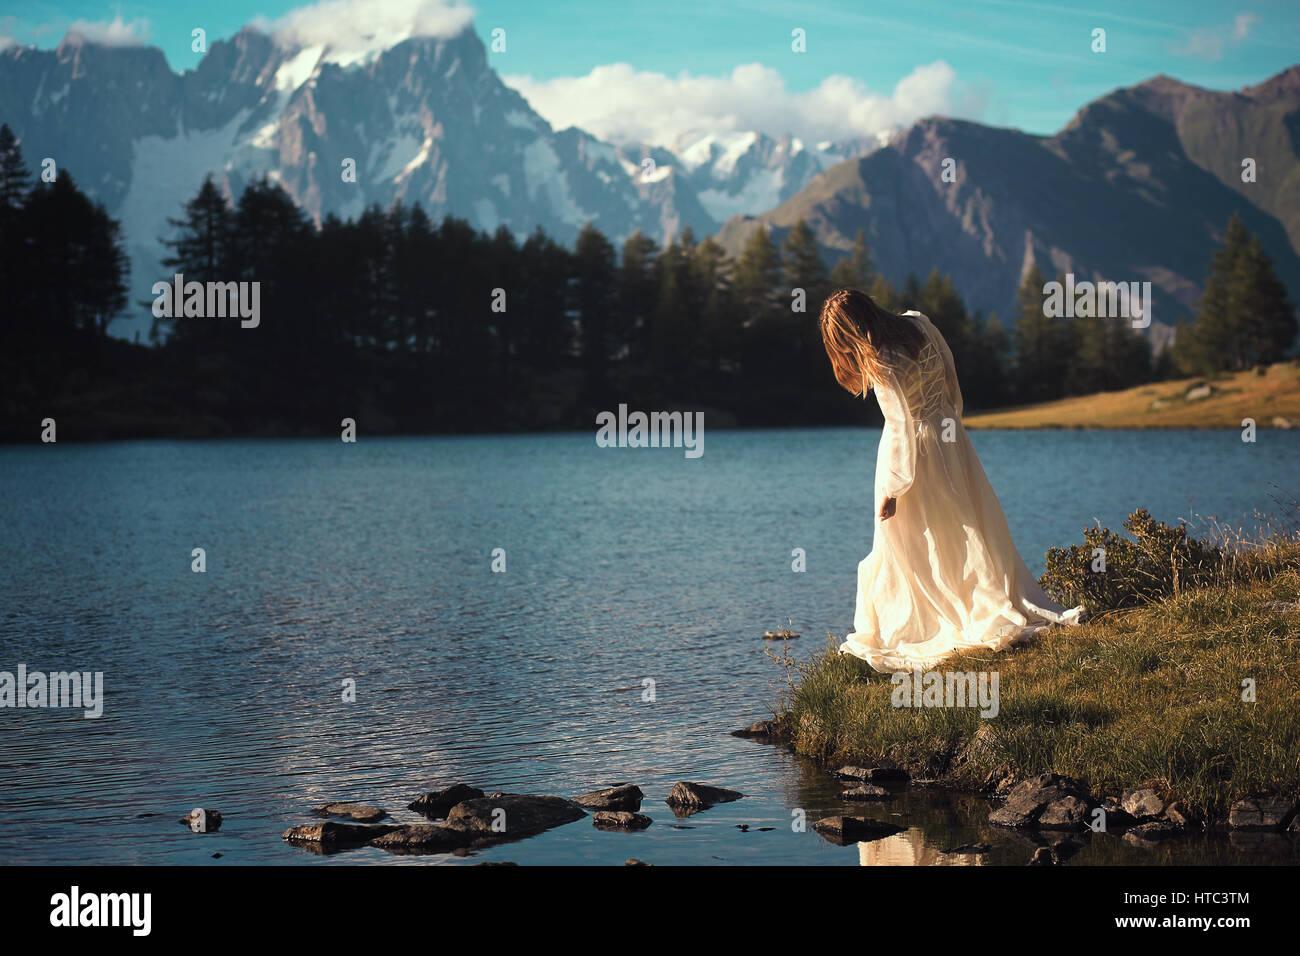 Donna in posa di lago di montagna al tramonto. Romantico e sognante Immagini Stock